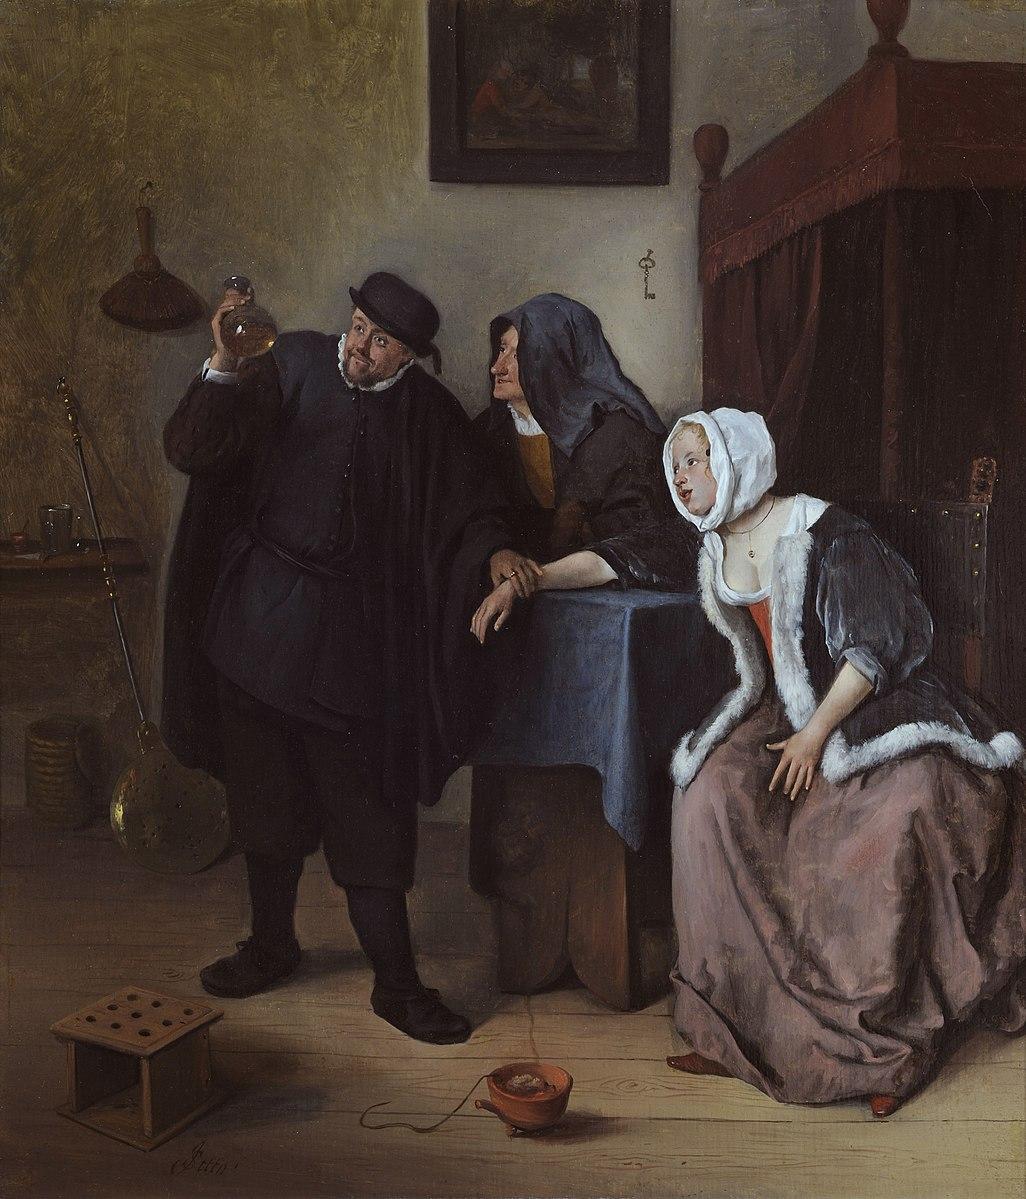 Steen 1663-65 La visite du docteur Museum De Lakenhal)